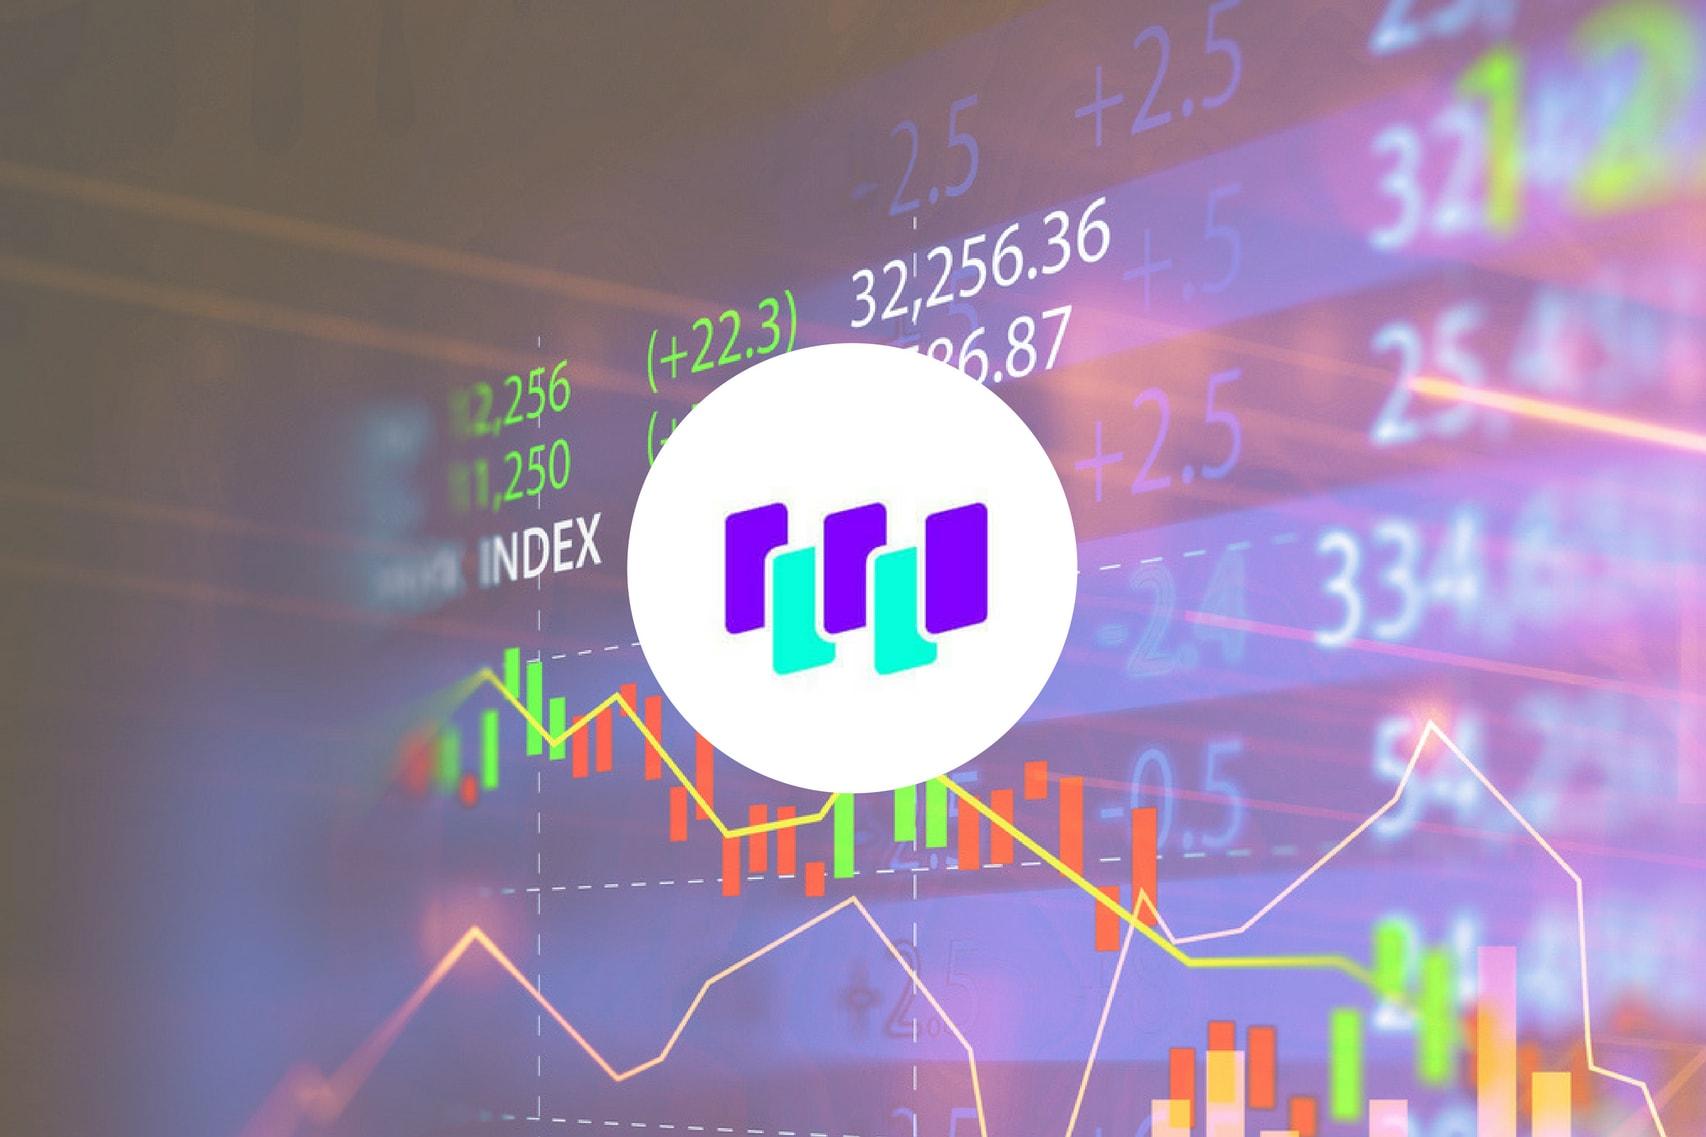 Price Analysis: WTC